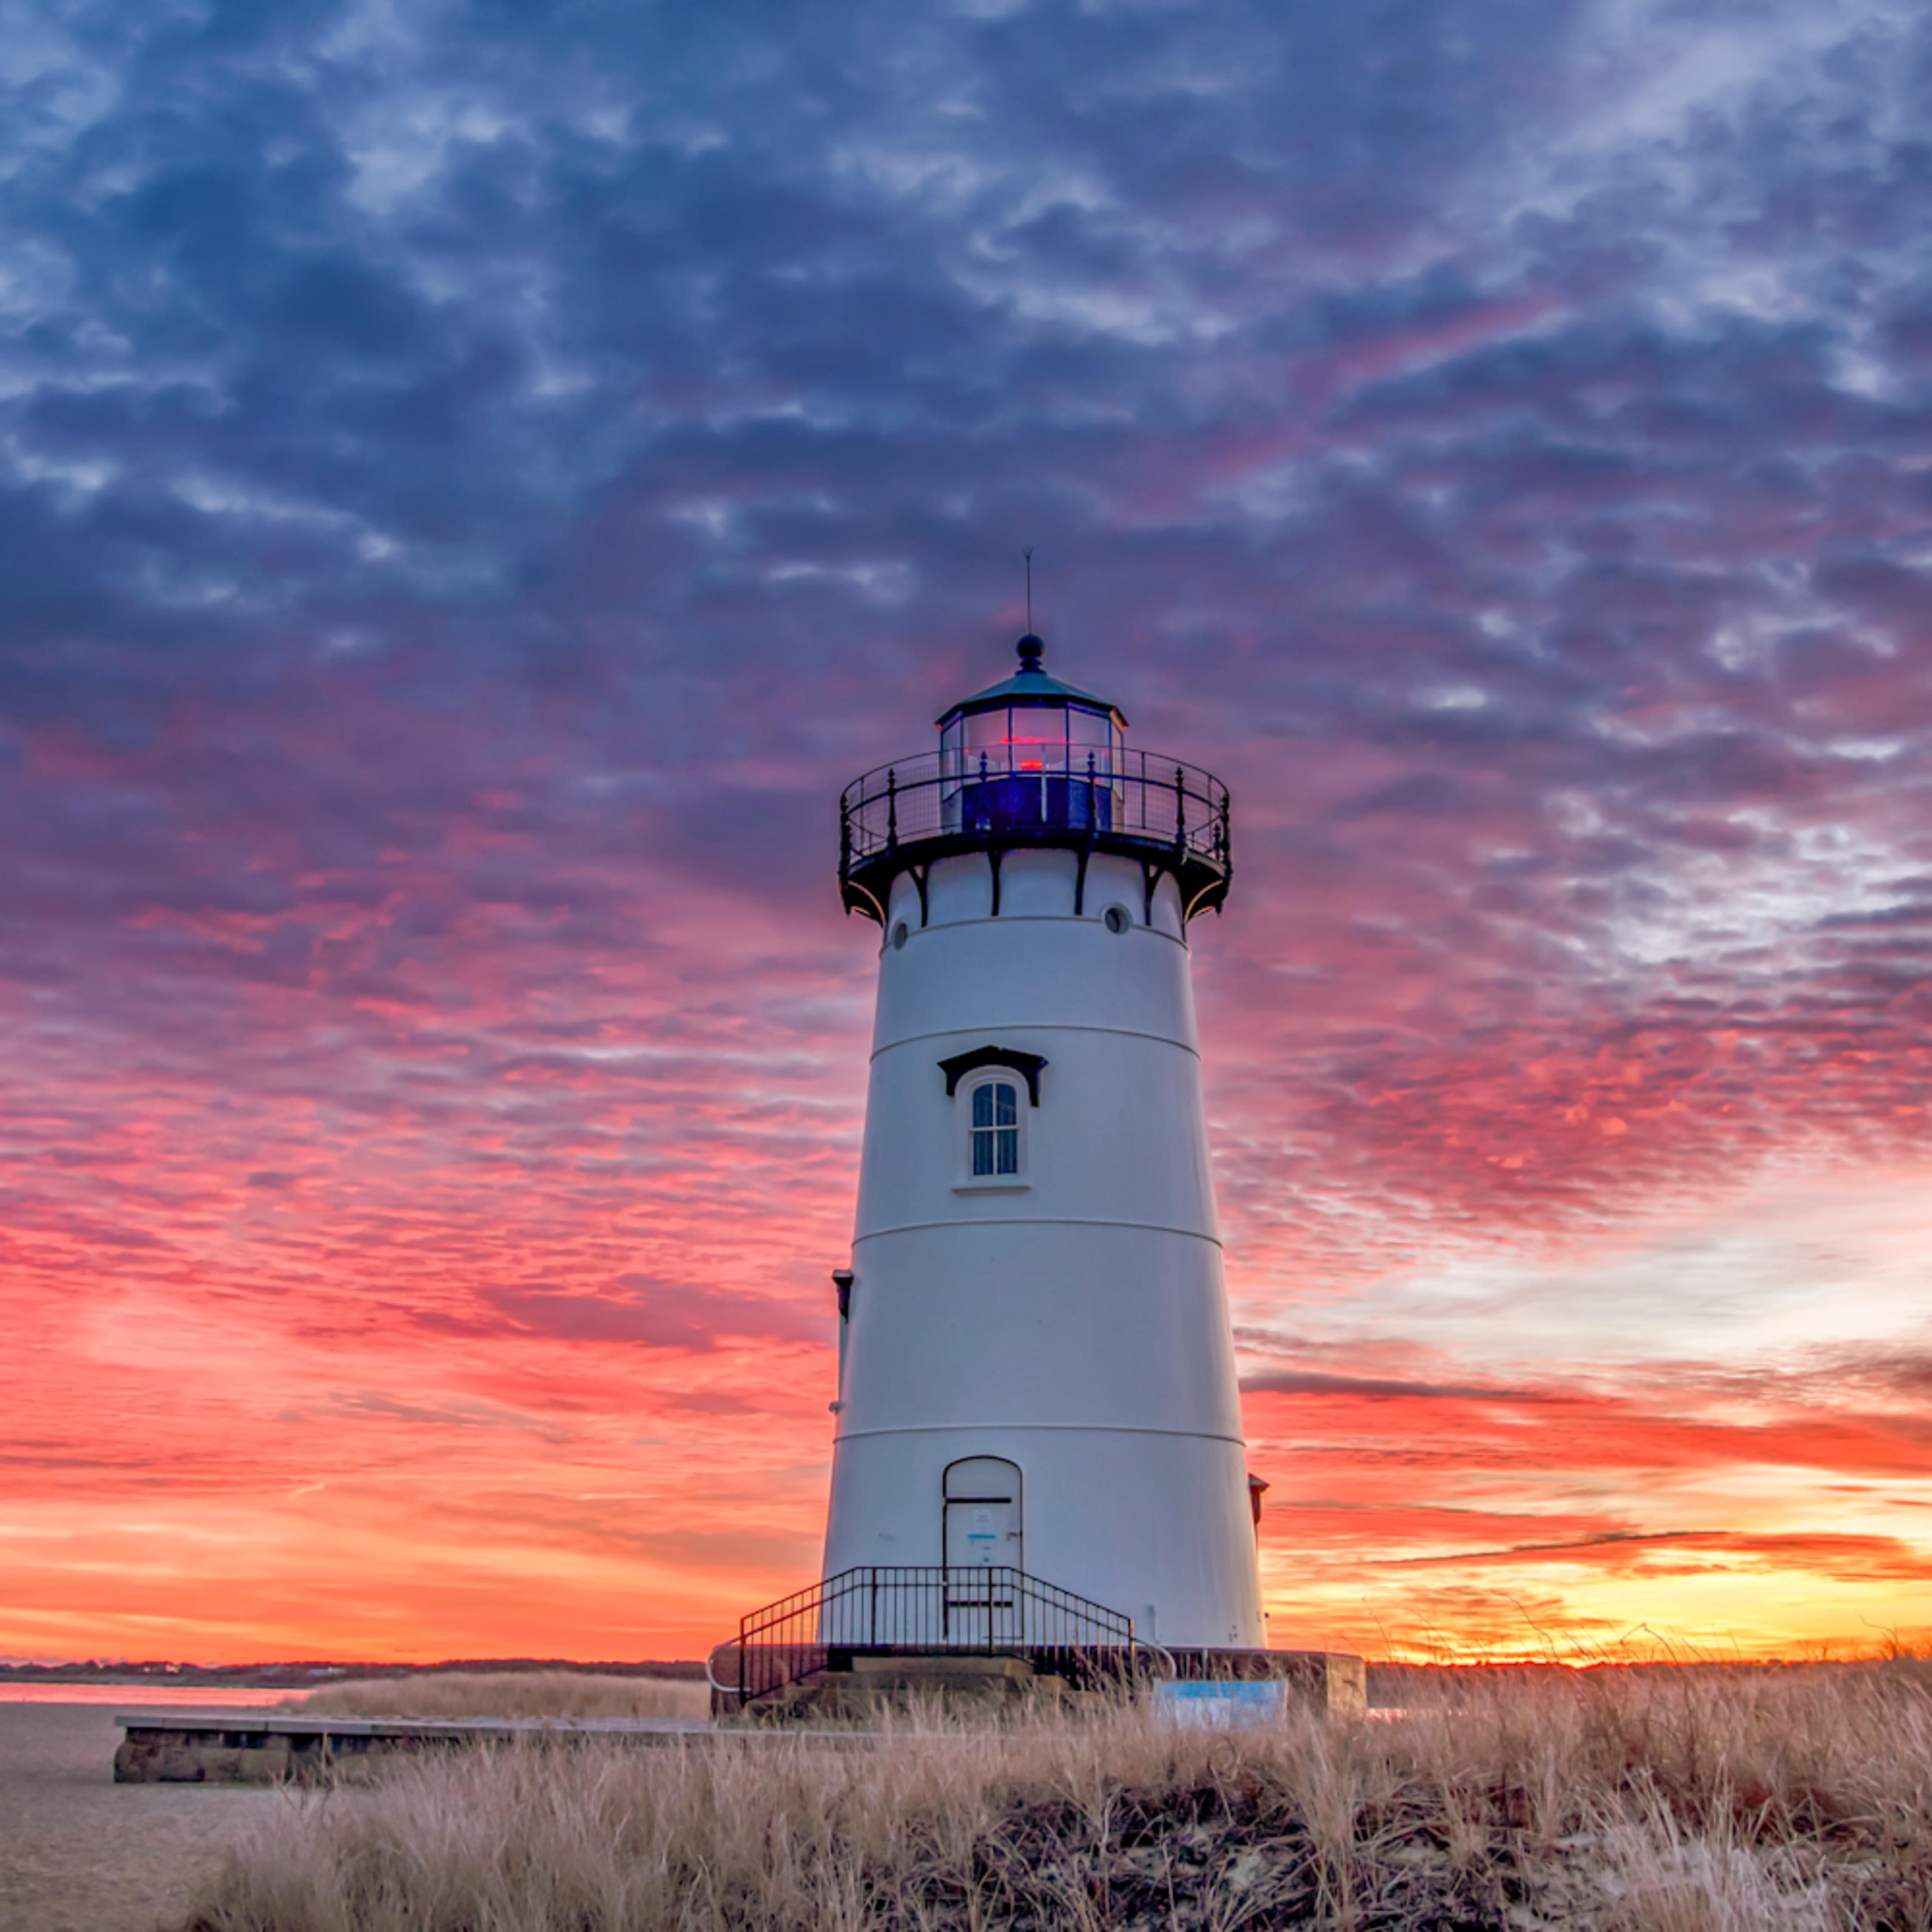 Edgartown light winter clouds grwzjh